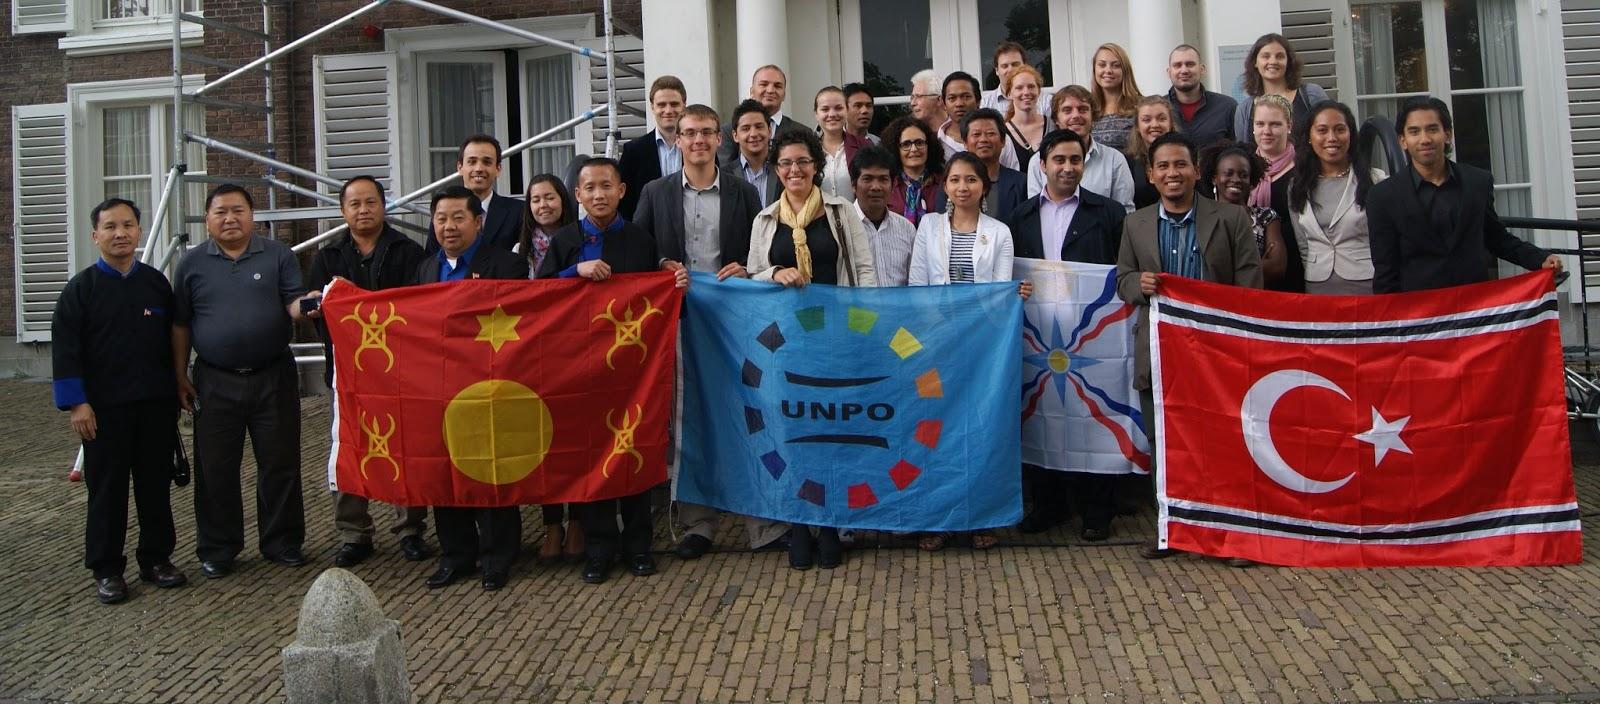 Presentasi ASNLF dalam Pelatihan UNPO